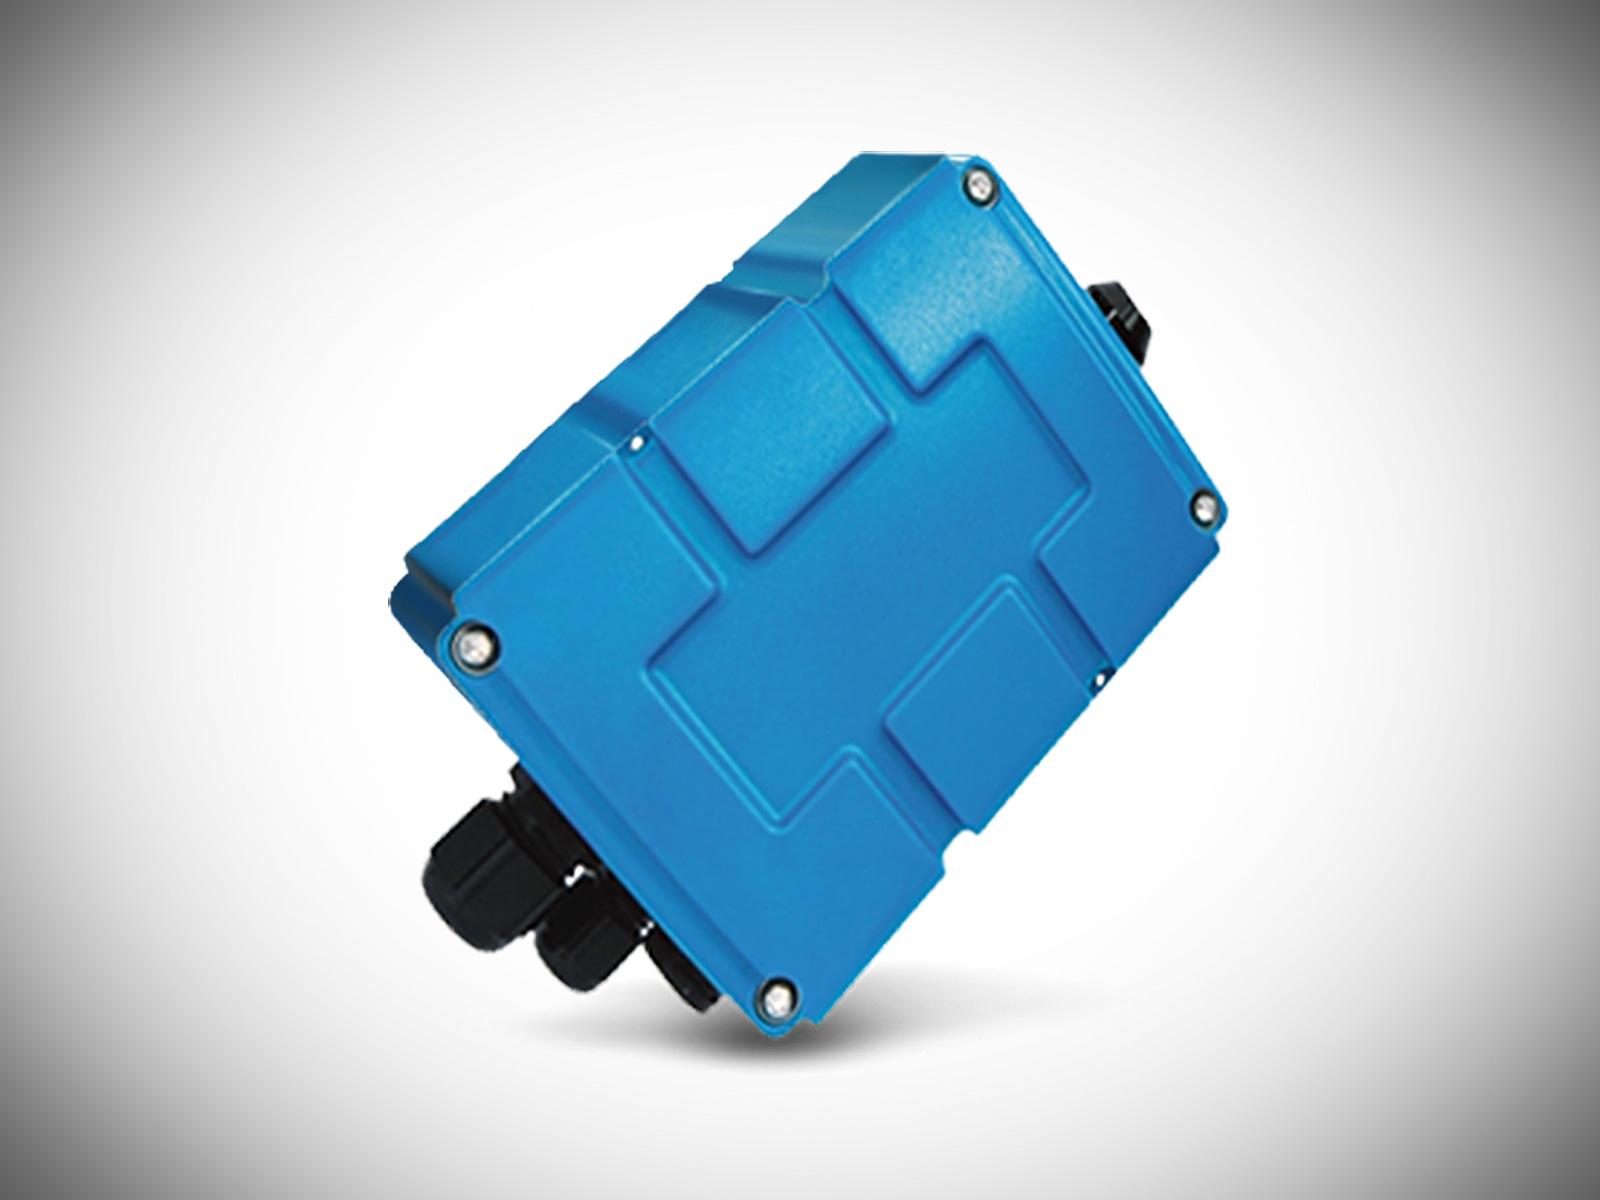 DATAEAGLE 7020 ist ein kompaktes Gerät zur Erfassung, Verarbeitung und Übertragung von Signalen.